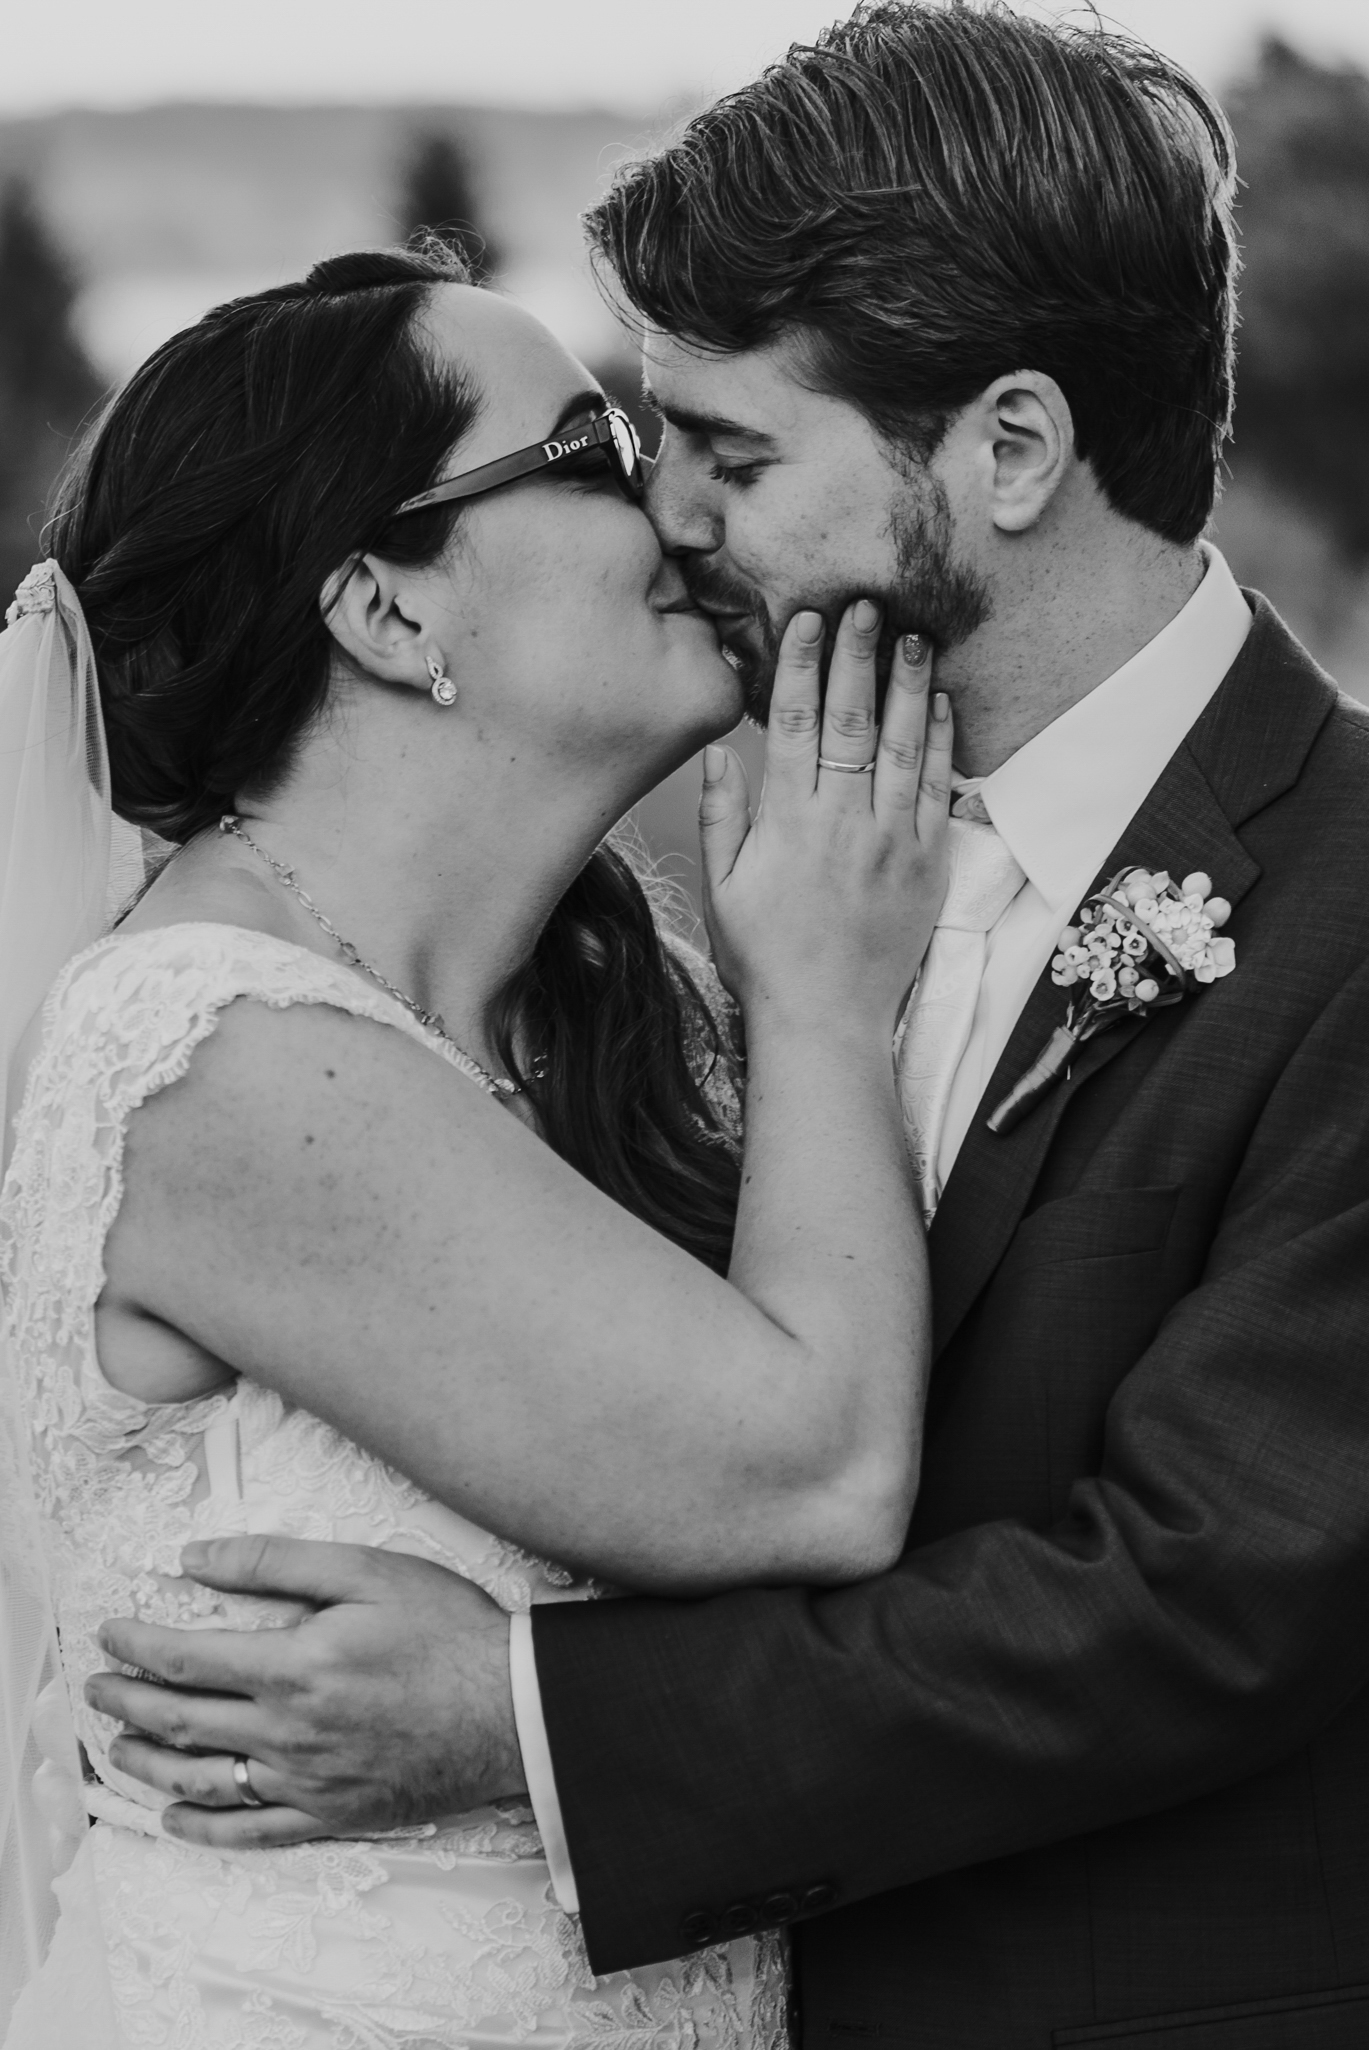 Nicola_Reiersen_Photography_Sea_Cider_Forest_Wedding (112).jpg